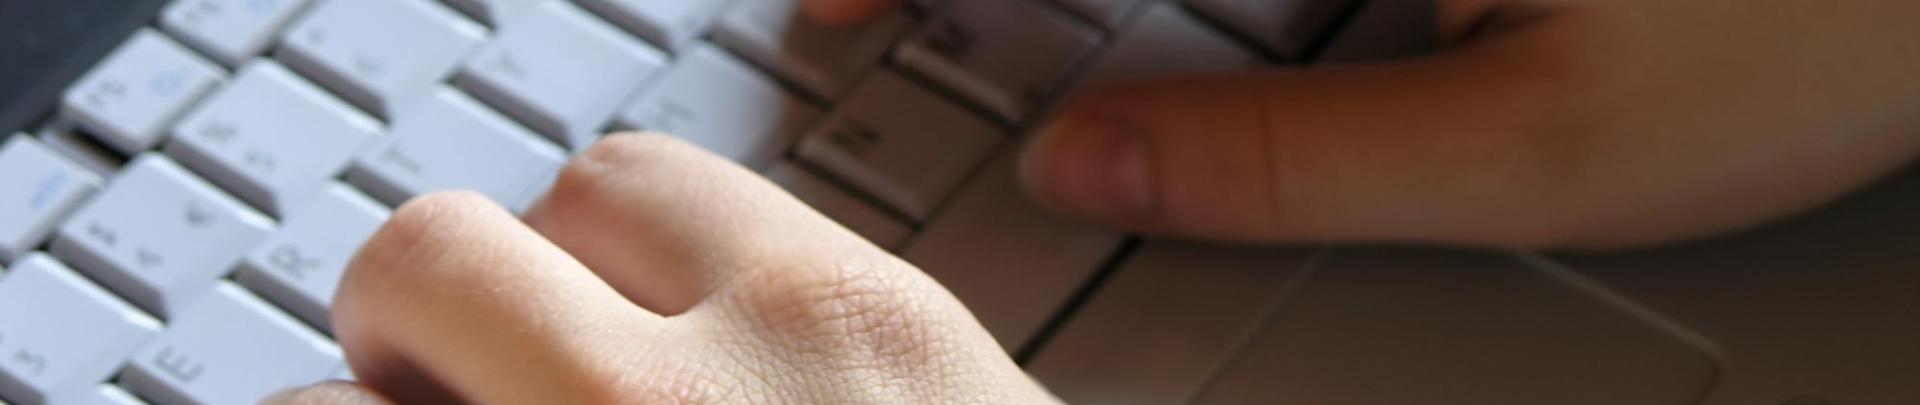 twee handen aan het typen op grijze laptop